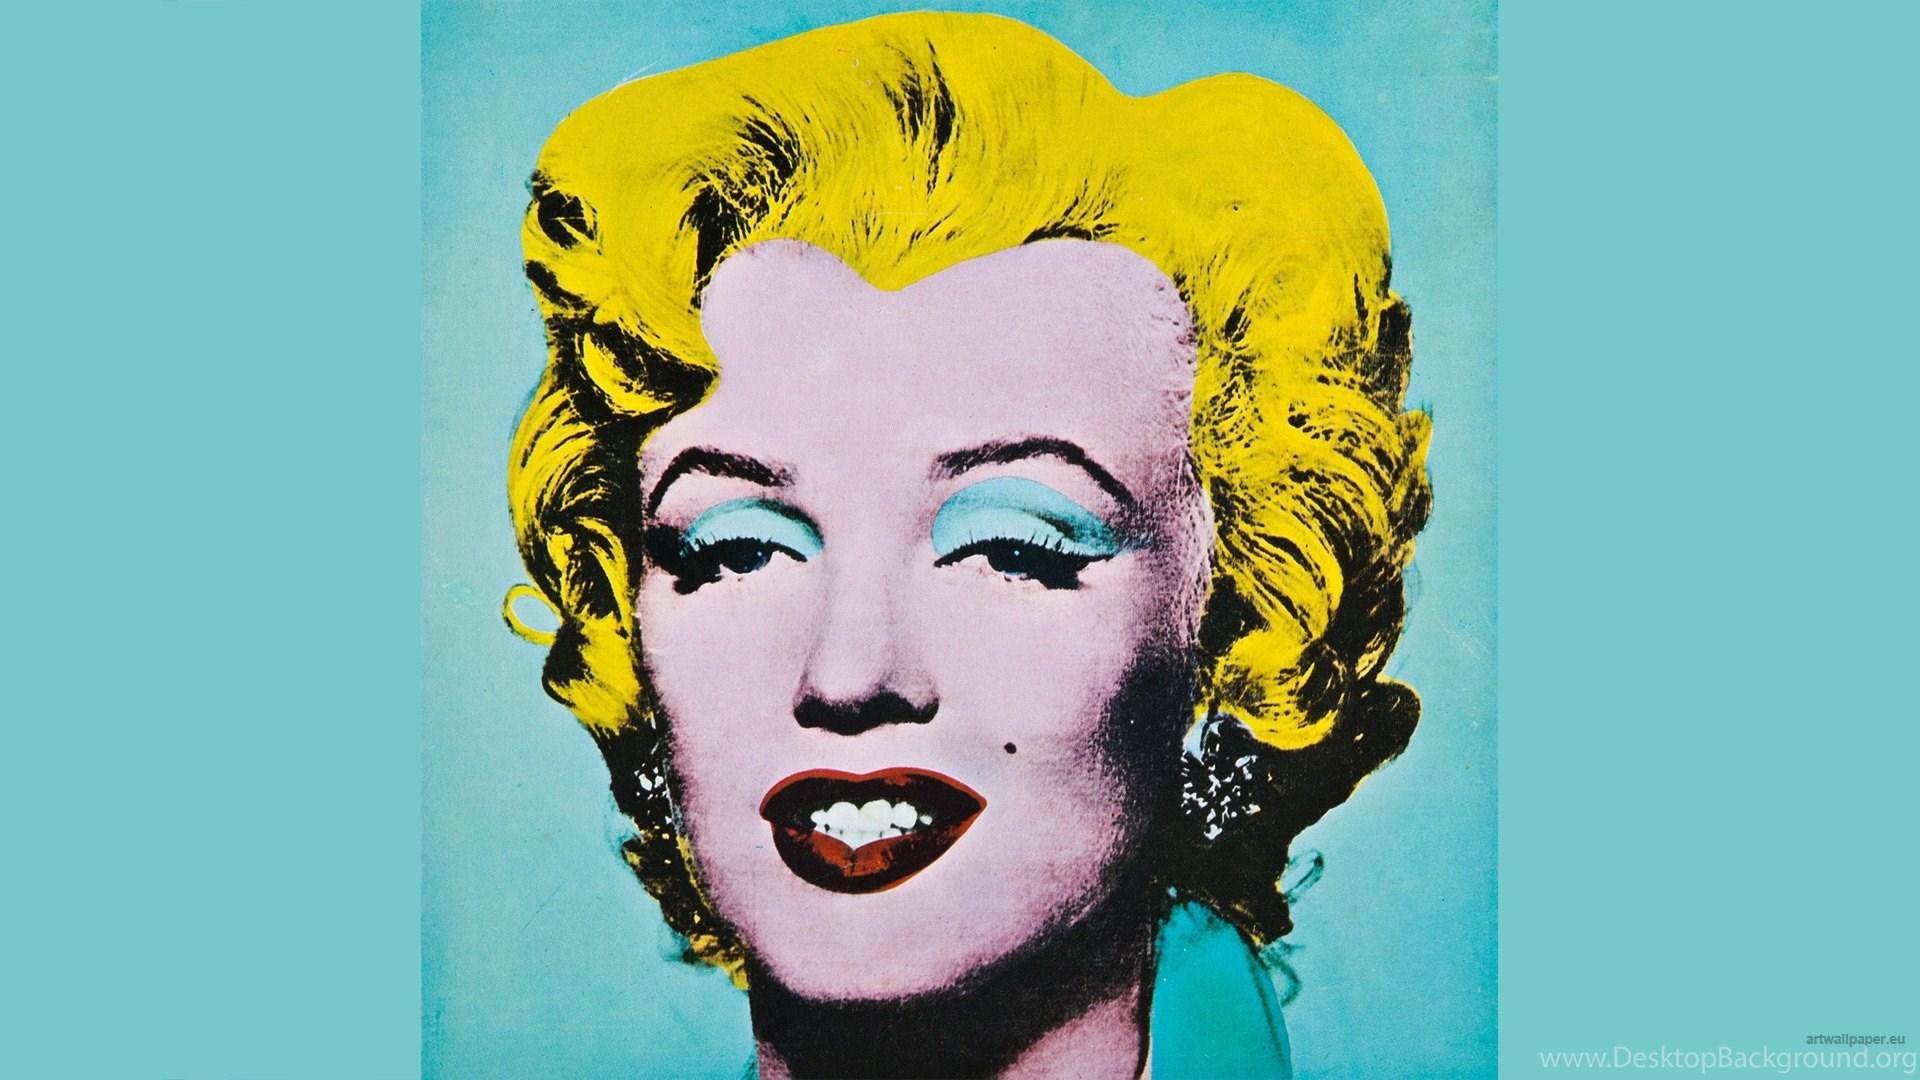 Andy Warhol Wallpapers Pop Art Wallpapers Desktop Background